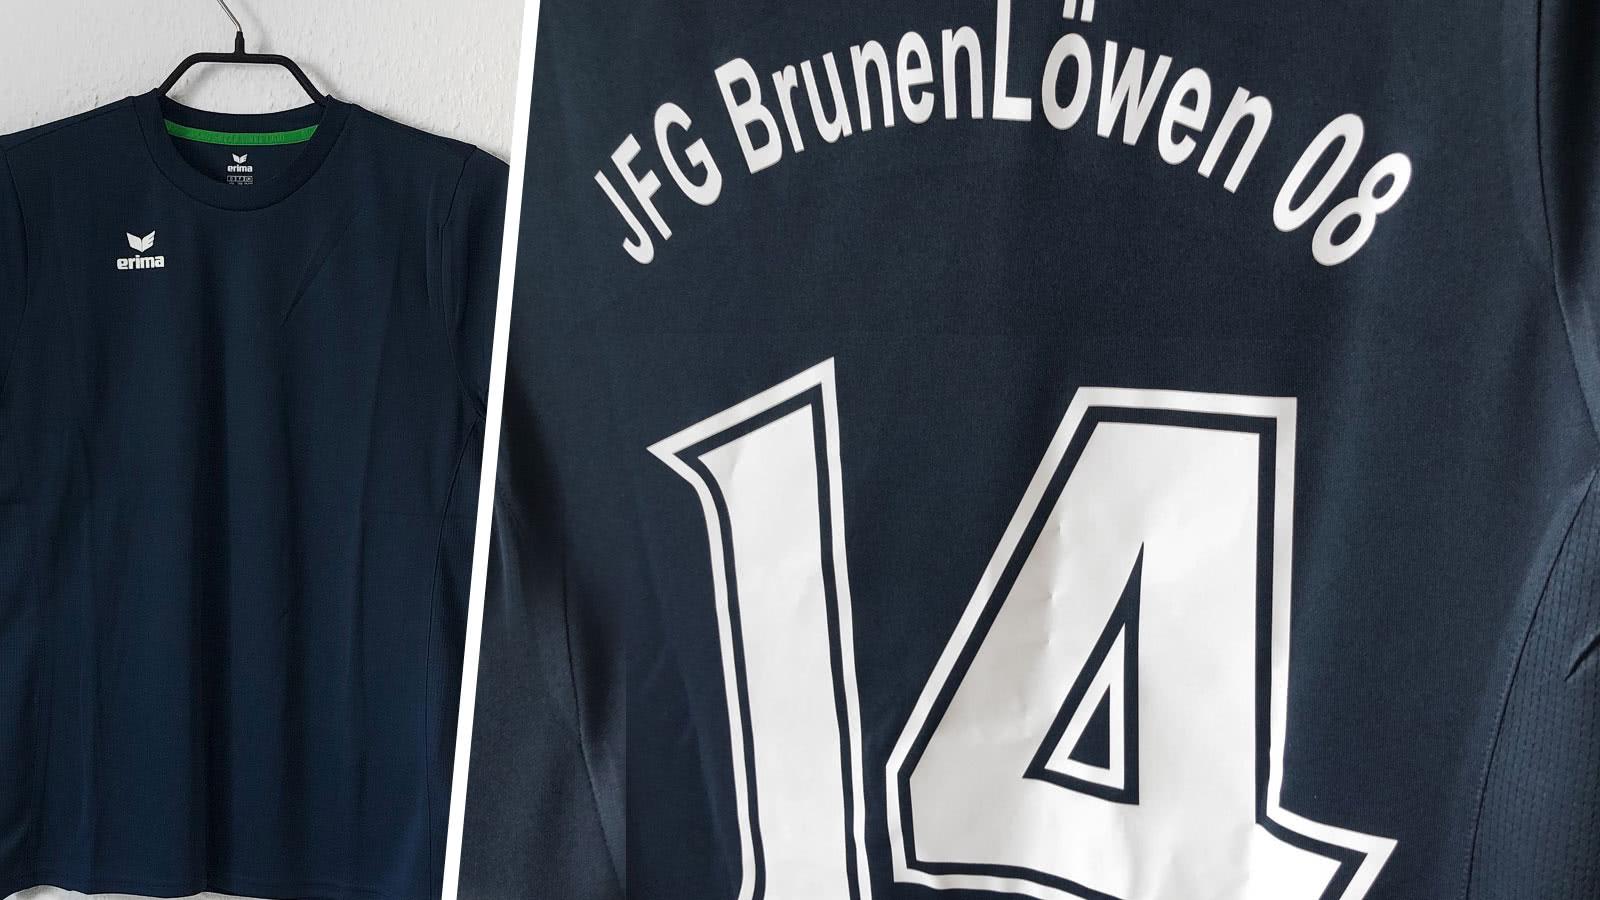 Die Trikots des JFG BrunenLöwen 08